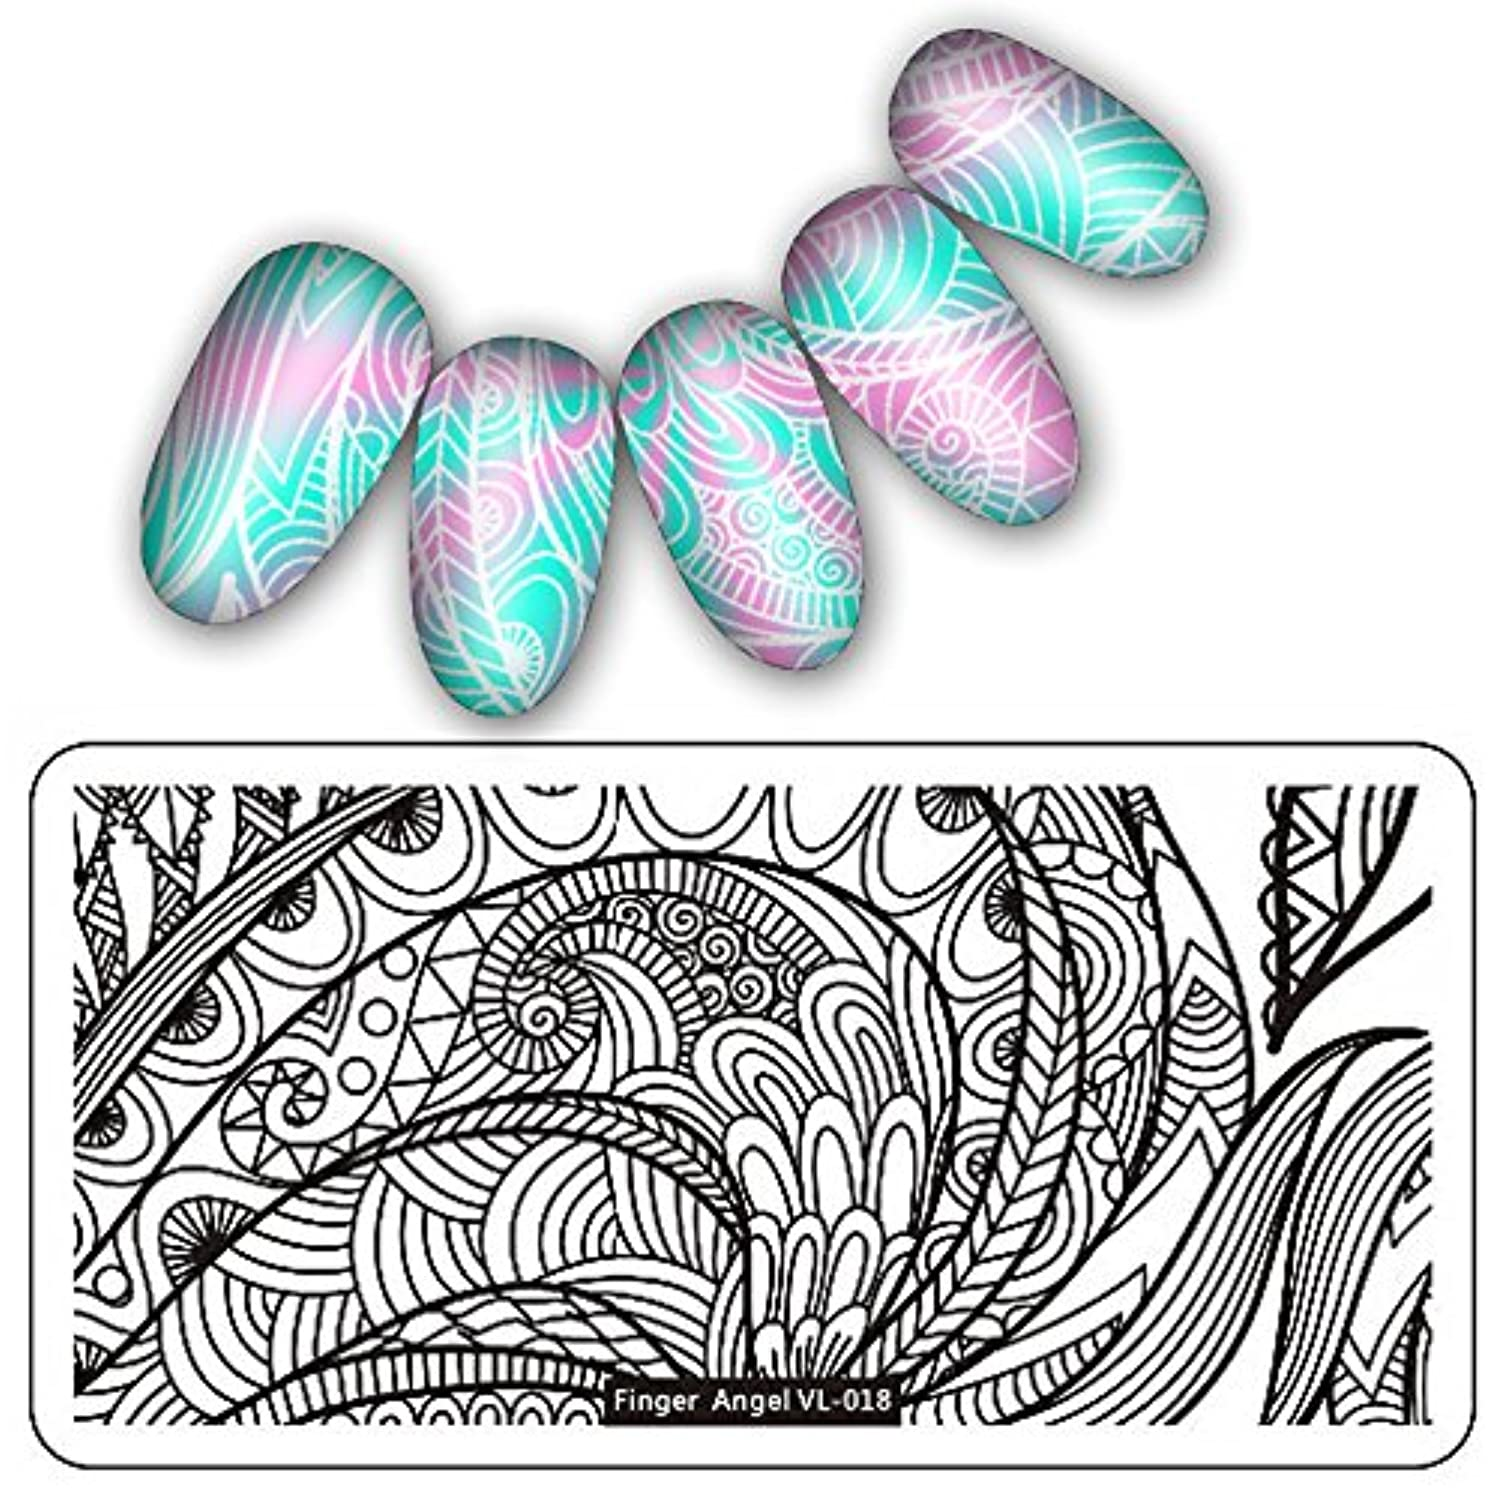 マカダム誓約化学[ルテンズ] スタンピングプレートセット 花柄 ネイルプレート ネイルアートツール ネイルプレート ネイルスタンパー ネイルスタンプ スタンプネイル ネイルデザイン用品